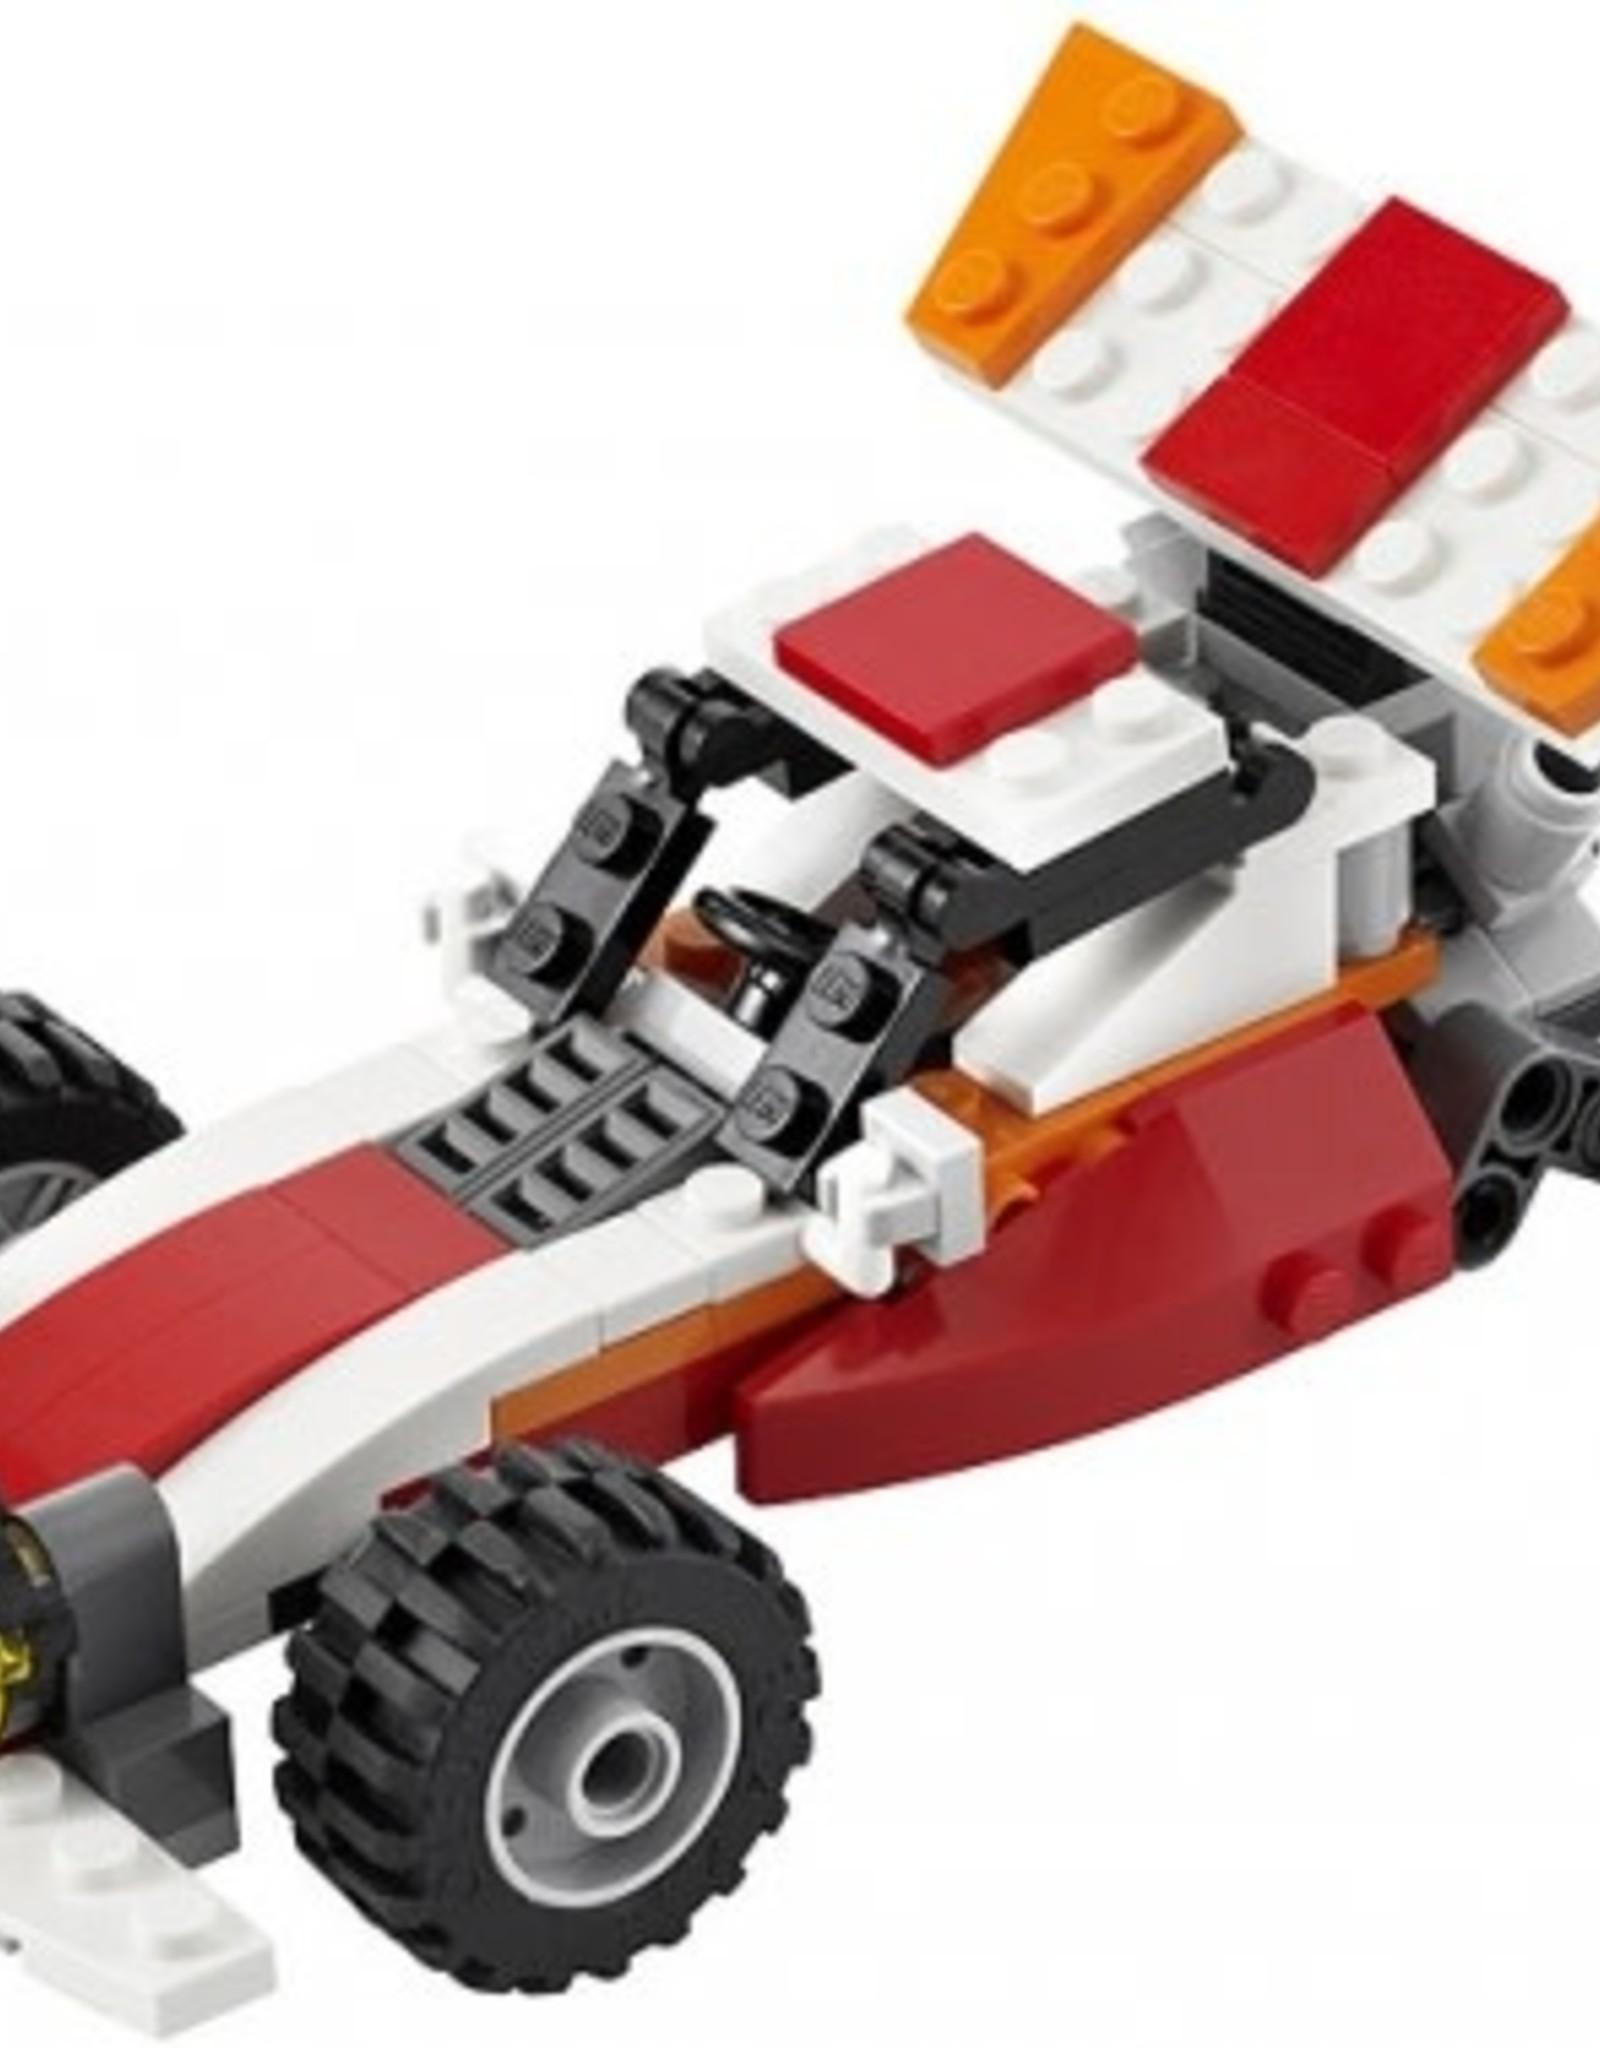 LEGO LEGO 5763 Dune Hopper CREATOR